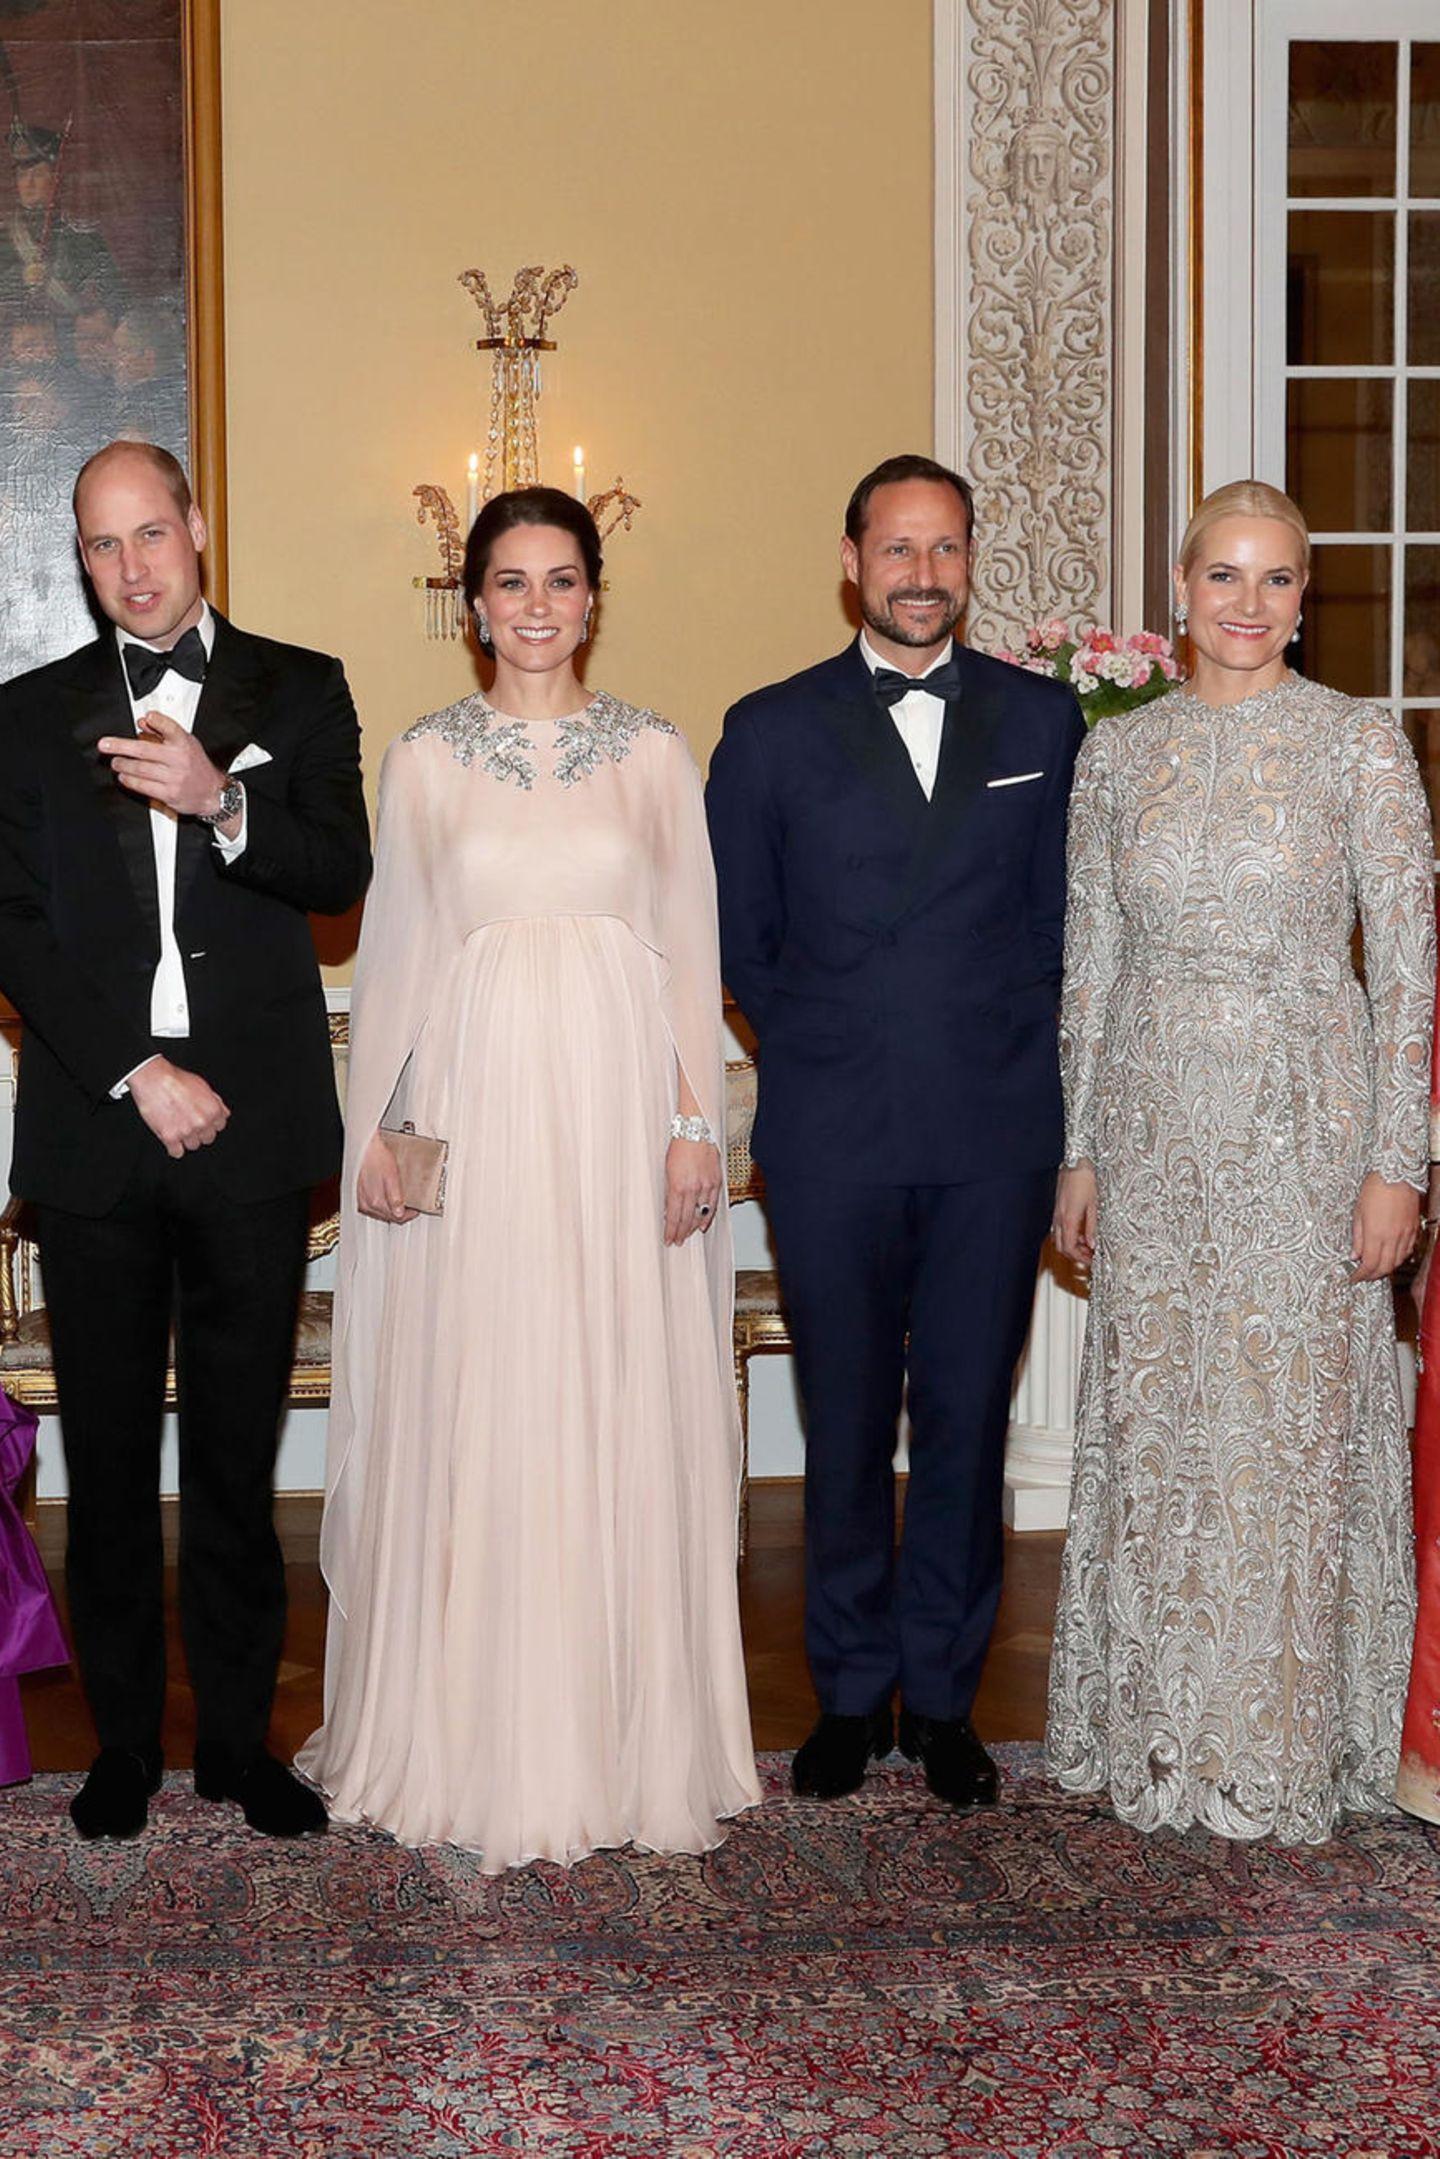 Kate und William, die selbstverständlich auch beim großen Galadinner zu Prinz Charles Geburtstaganwesend waren, kennen Mette-Marits Glamour-Kleid also schon. Ob dieKronprinzessin diese Tatsache bedacht hat?